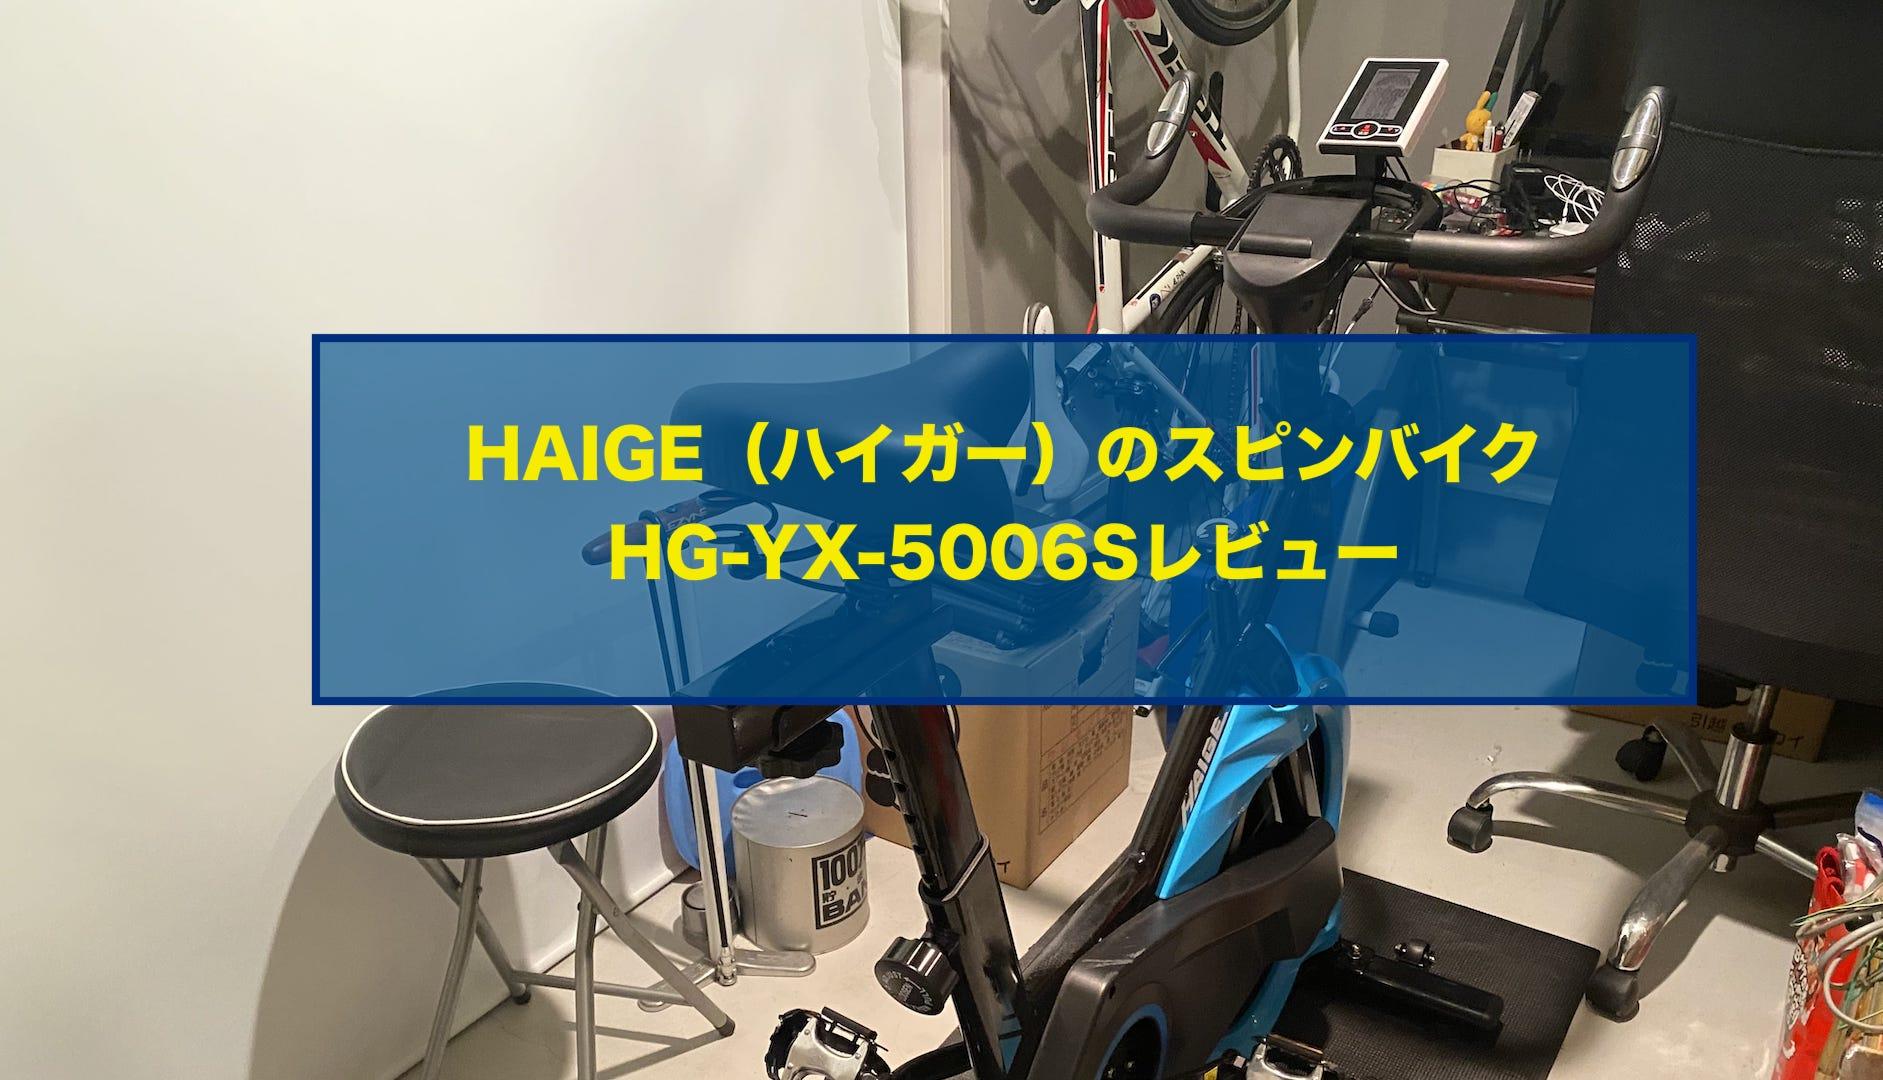 HAIGE(ハイガー)のスピンバイクHG-YX-5006Sを購入したのでレビュー